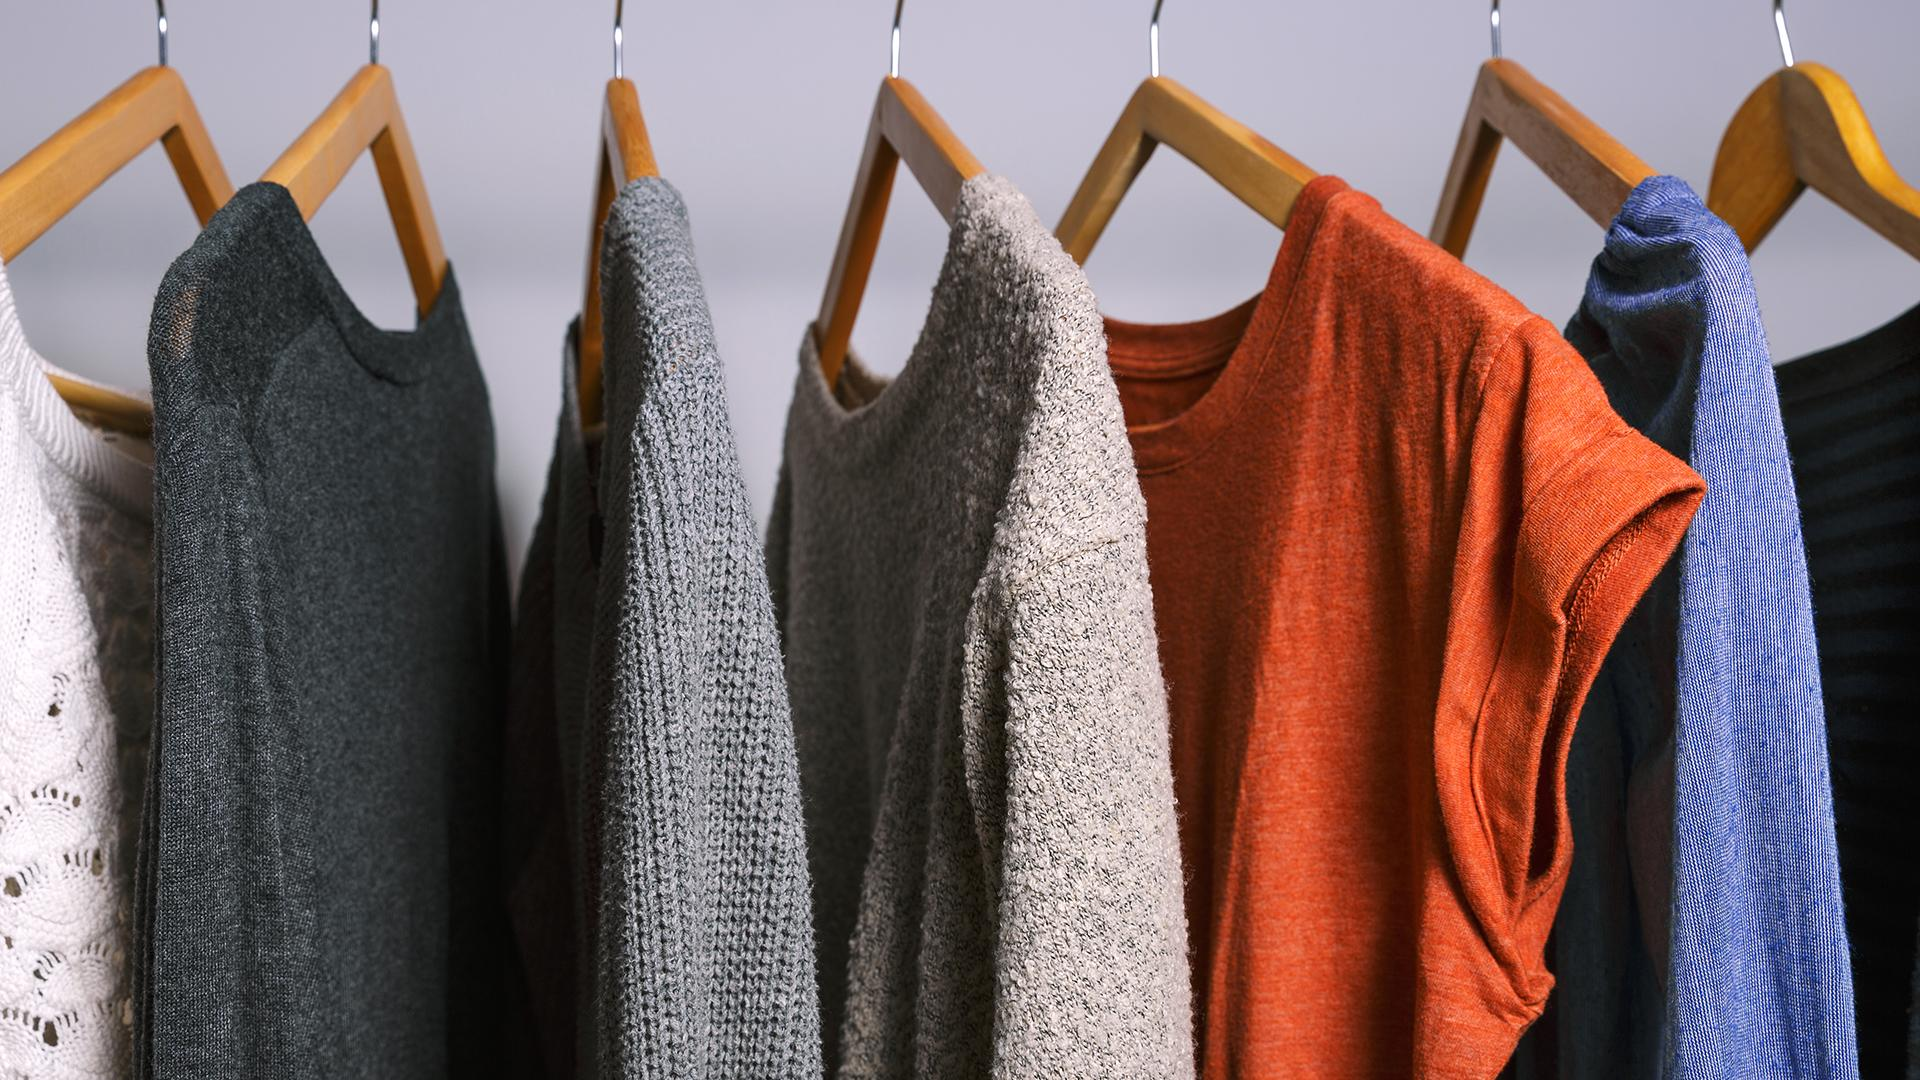 Rüyada Kıyafet Satın Almak ve Giymek